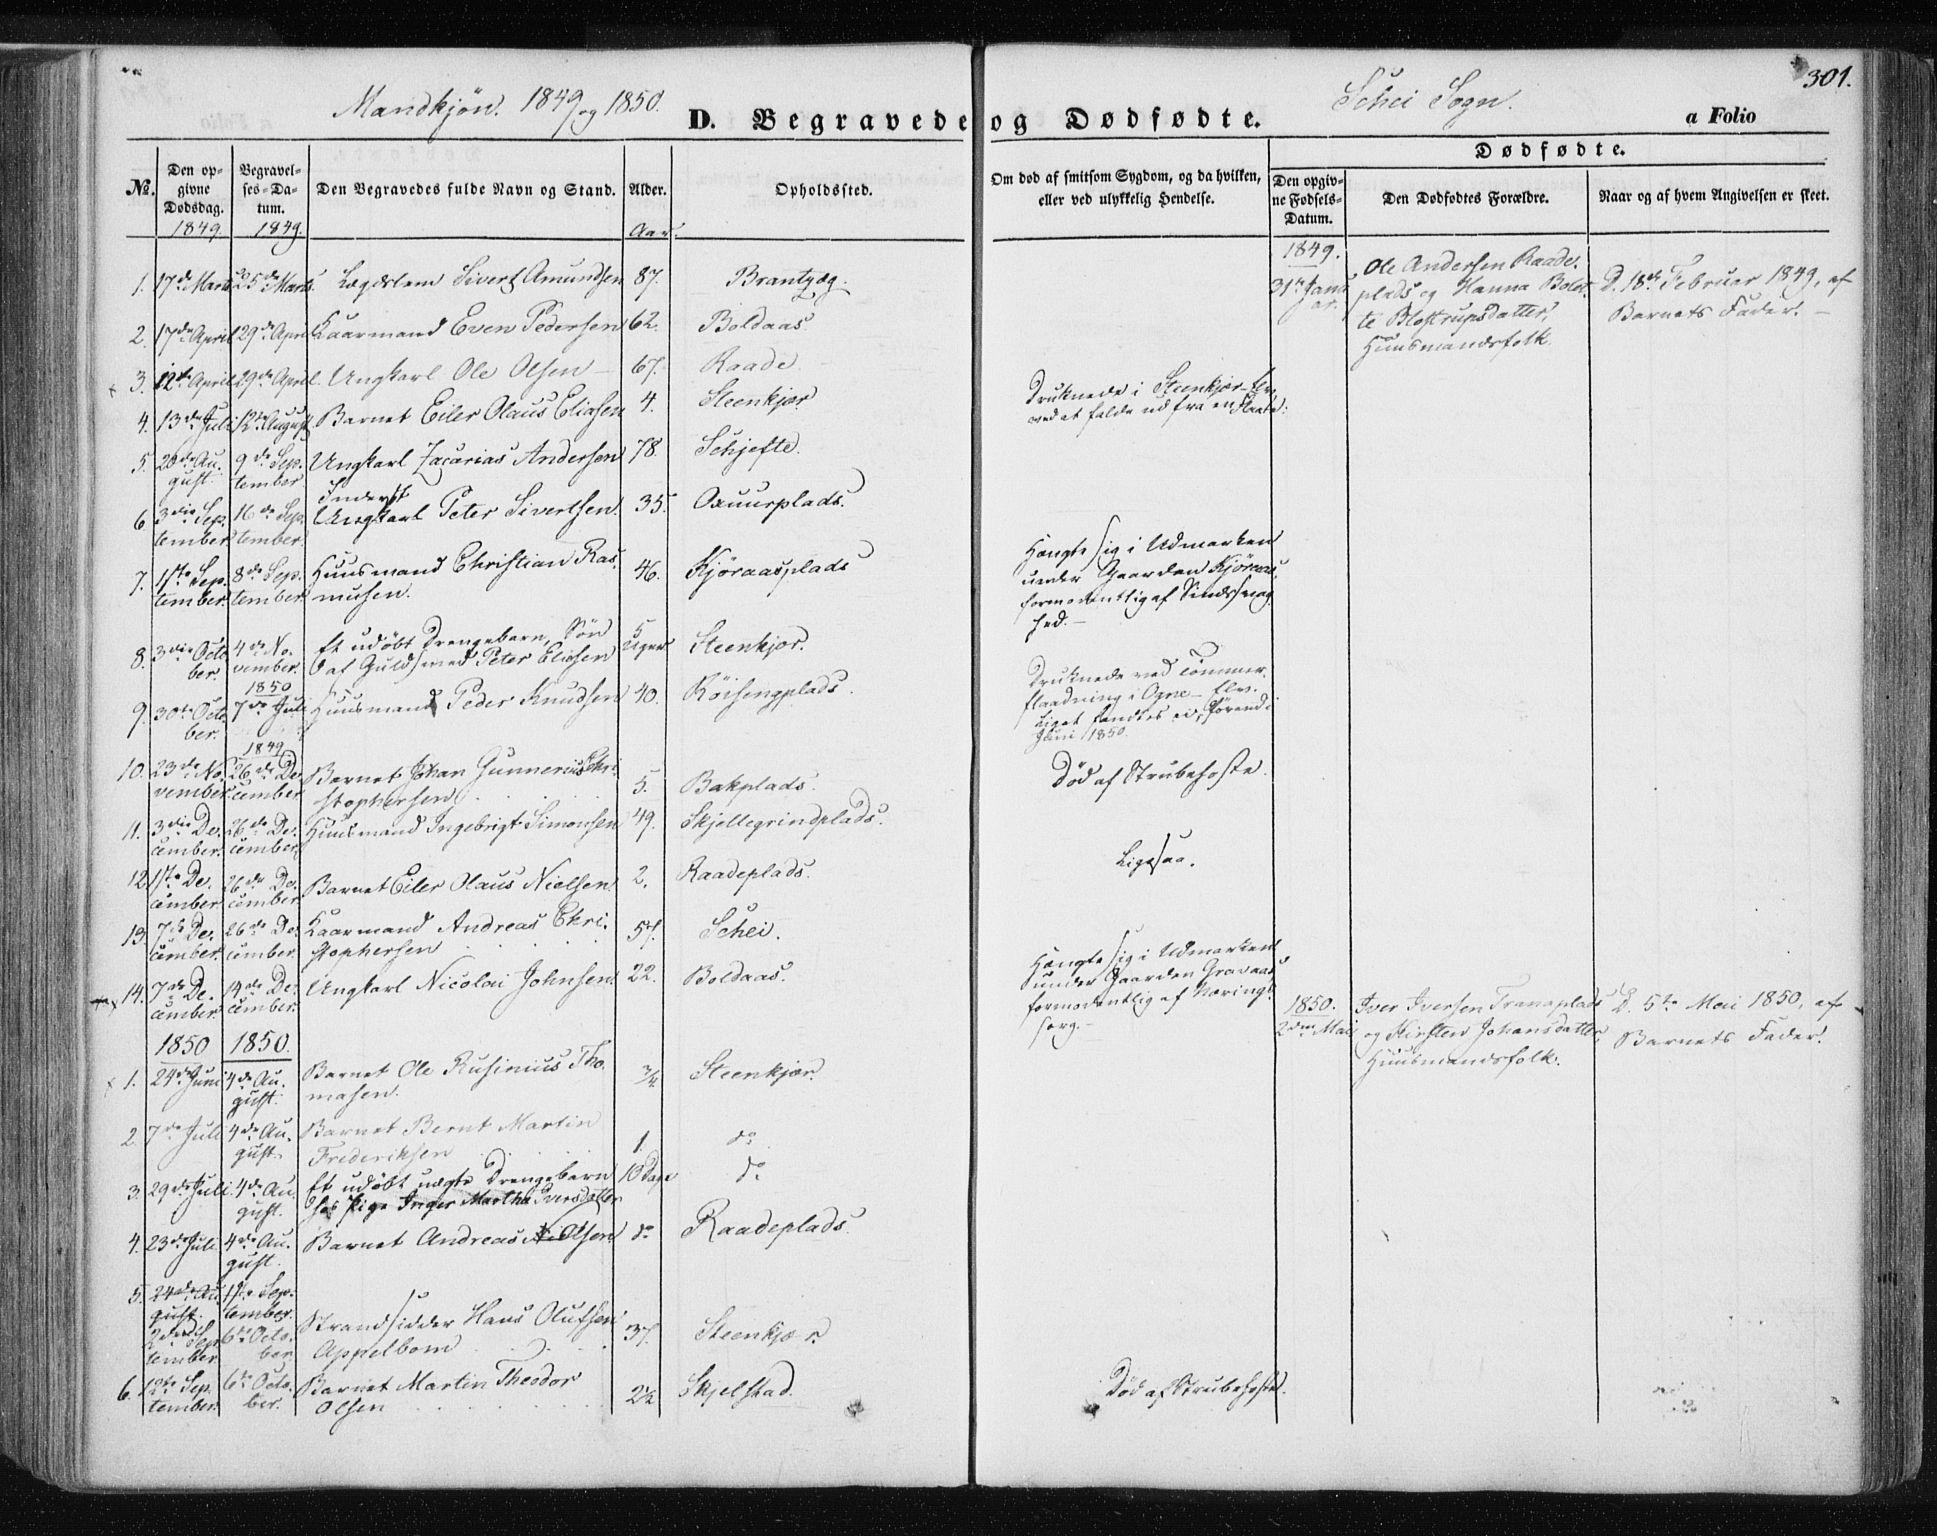 SAT, Ministerialprotokoller, klokkerbøker og fødselsregistre - Nord-Trøndelag, 735/L0342: Ministerialbok nr. 735A07 /2, 1849-1862, s. 301